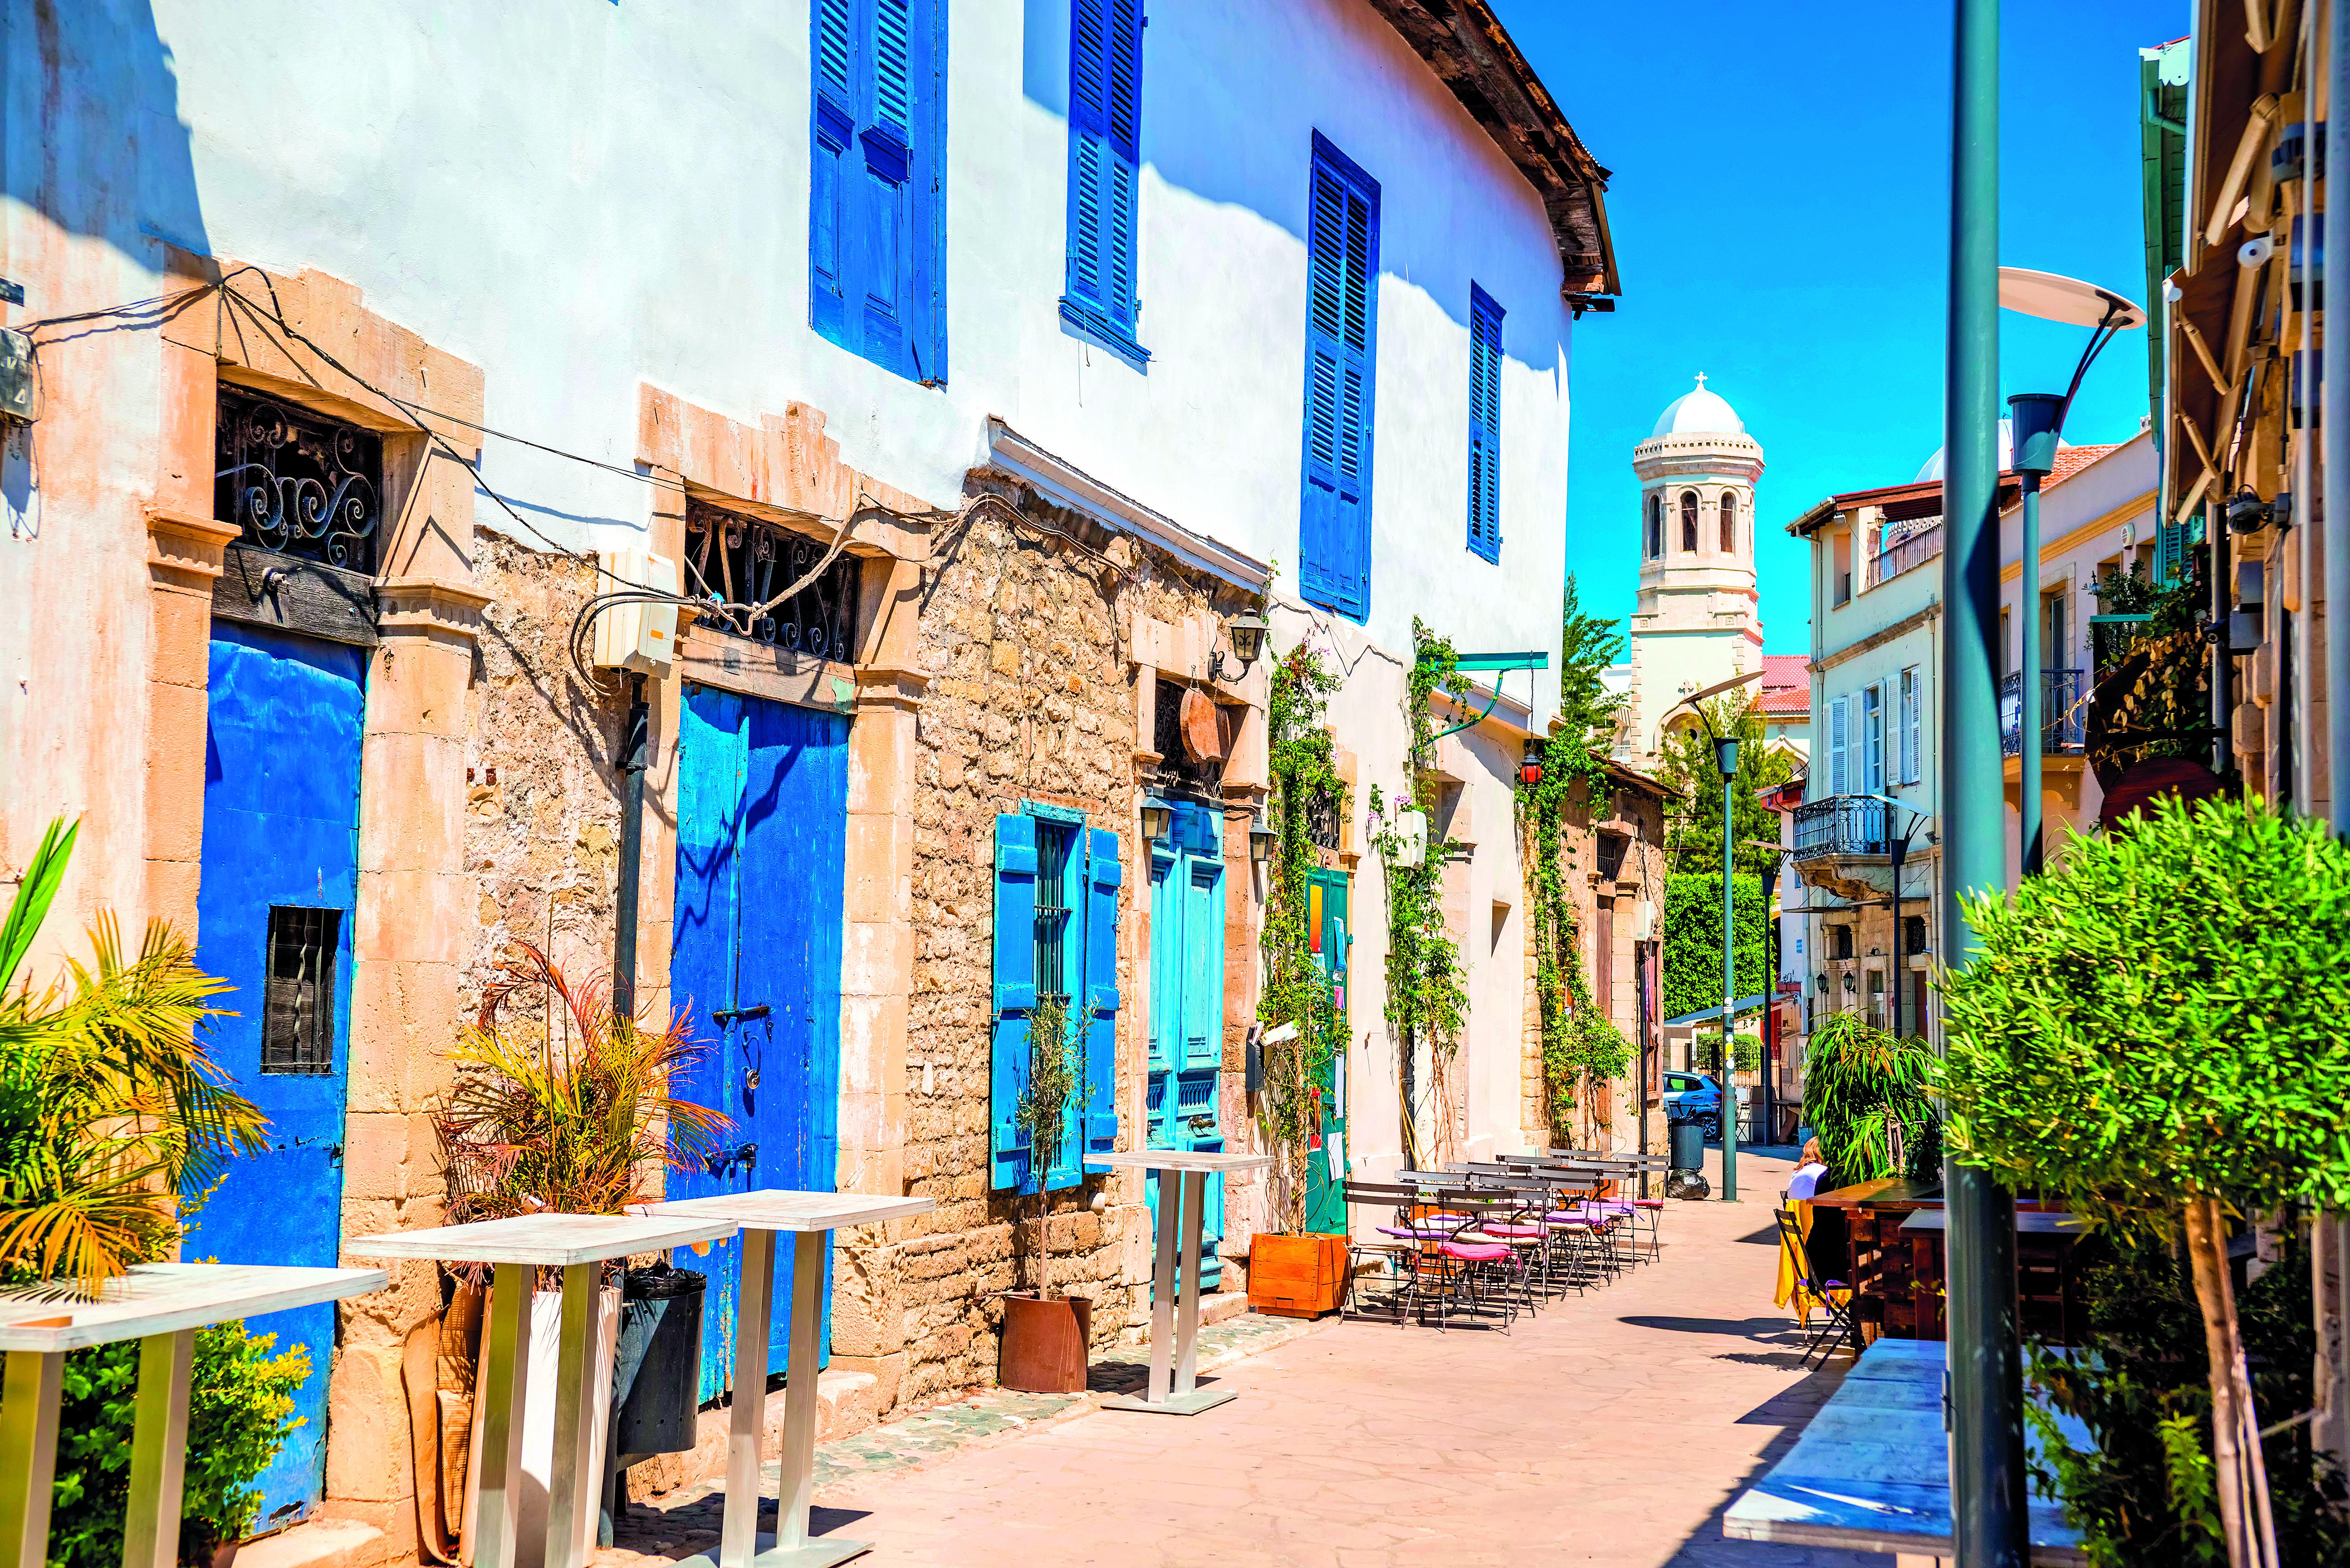 Κύπρος: Αυτές είναι οι 10 στάσεις που πρέπει να κάνεις οπωσδήποτε! (Photos)